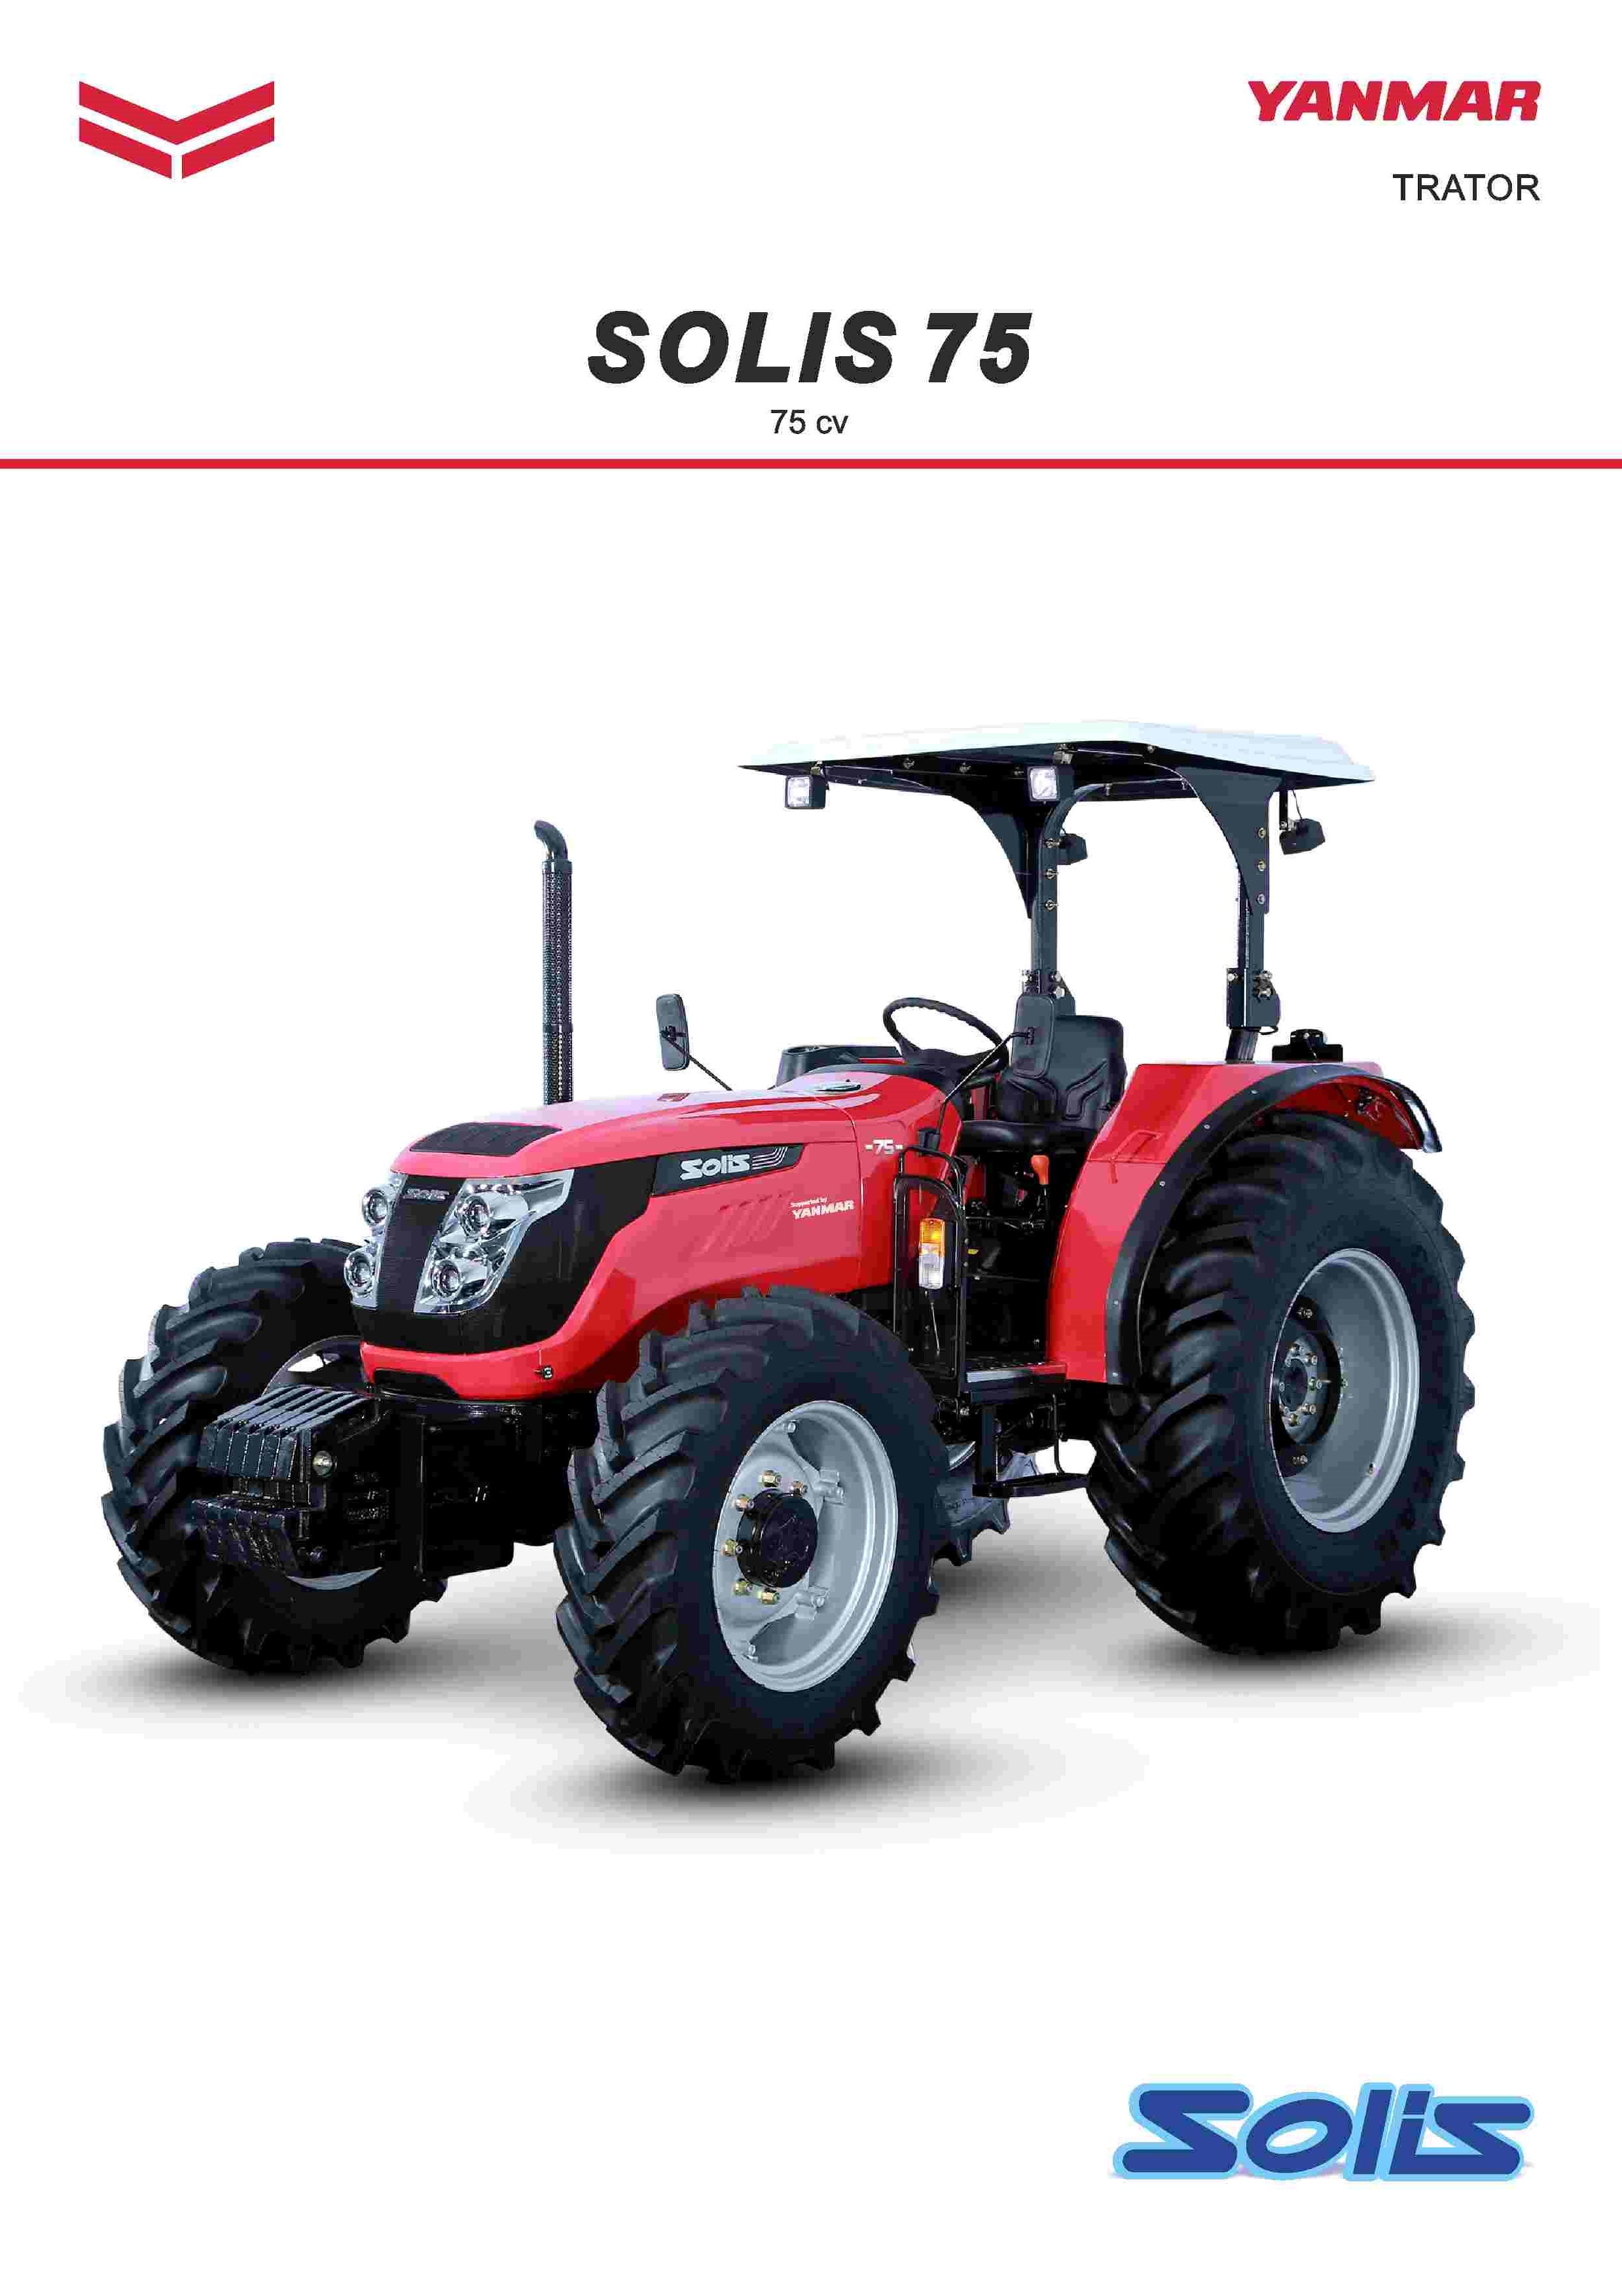 Solis 75 - Facelift